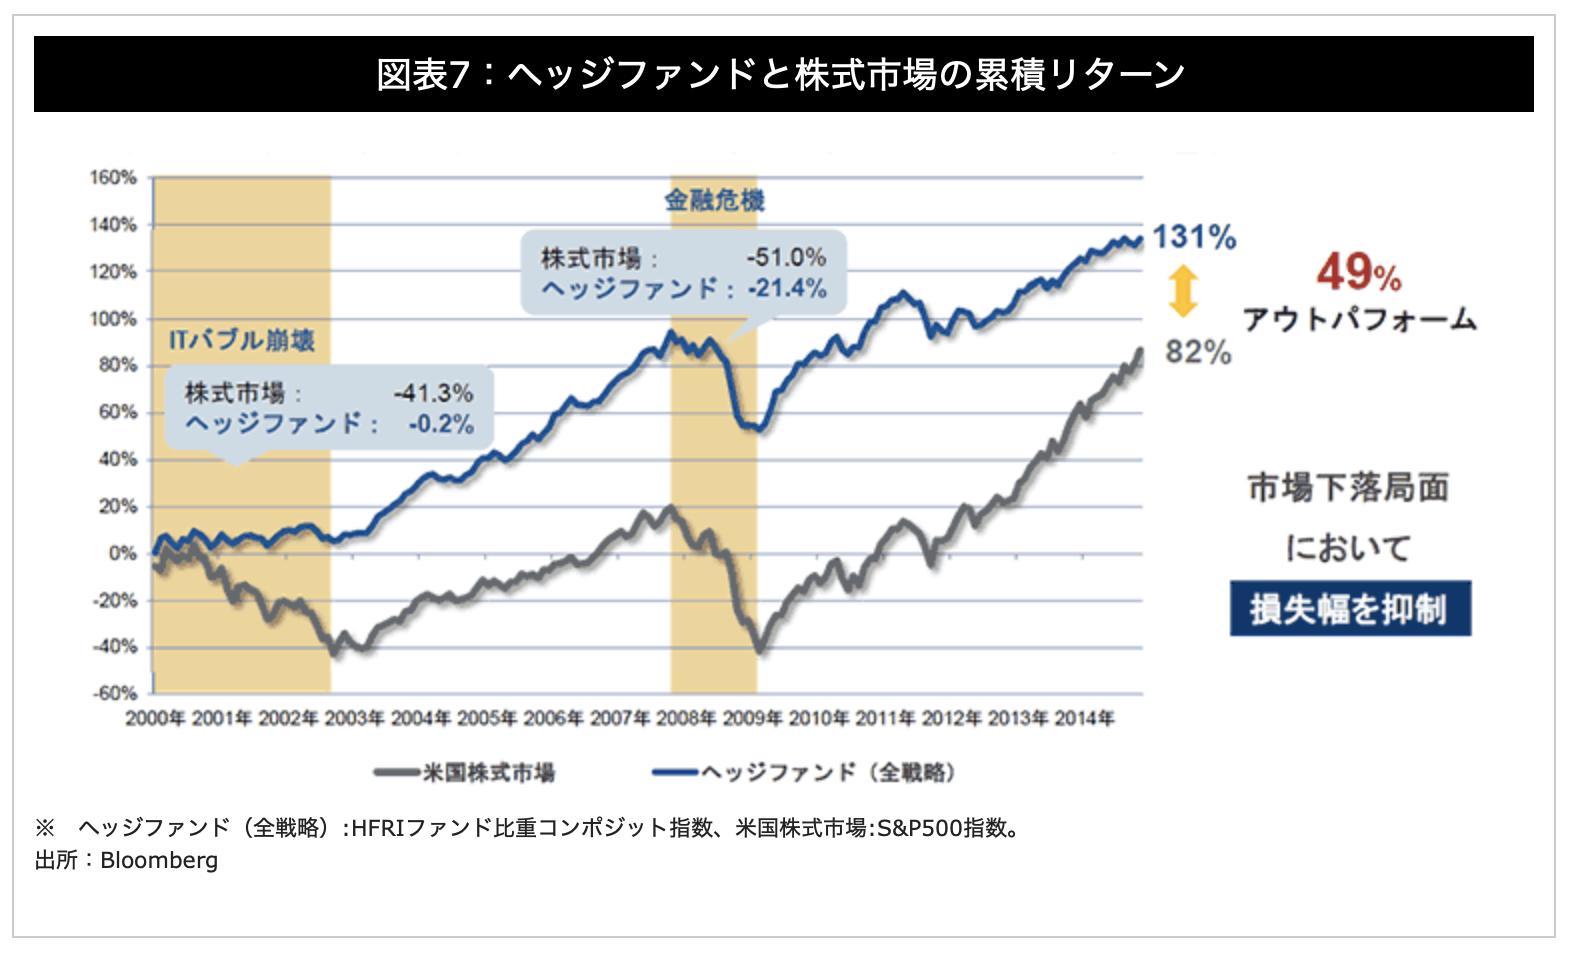 ヘッジファンドと株式市場の市場平均の動き